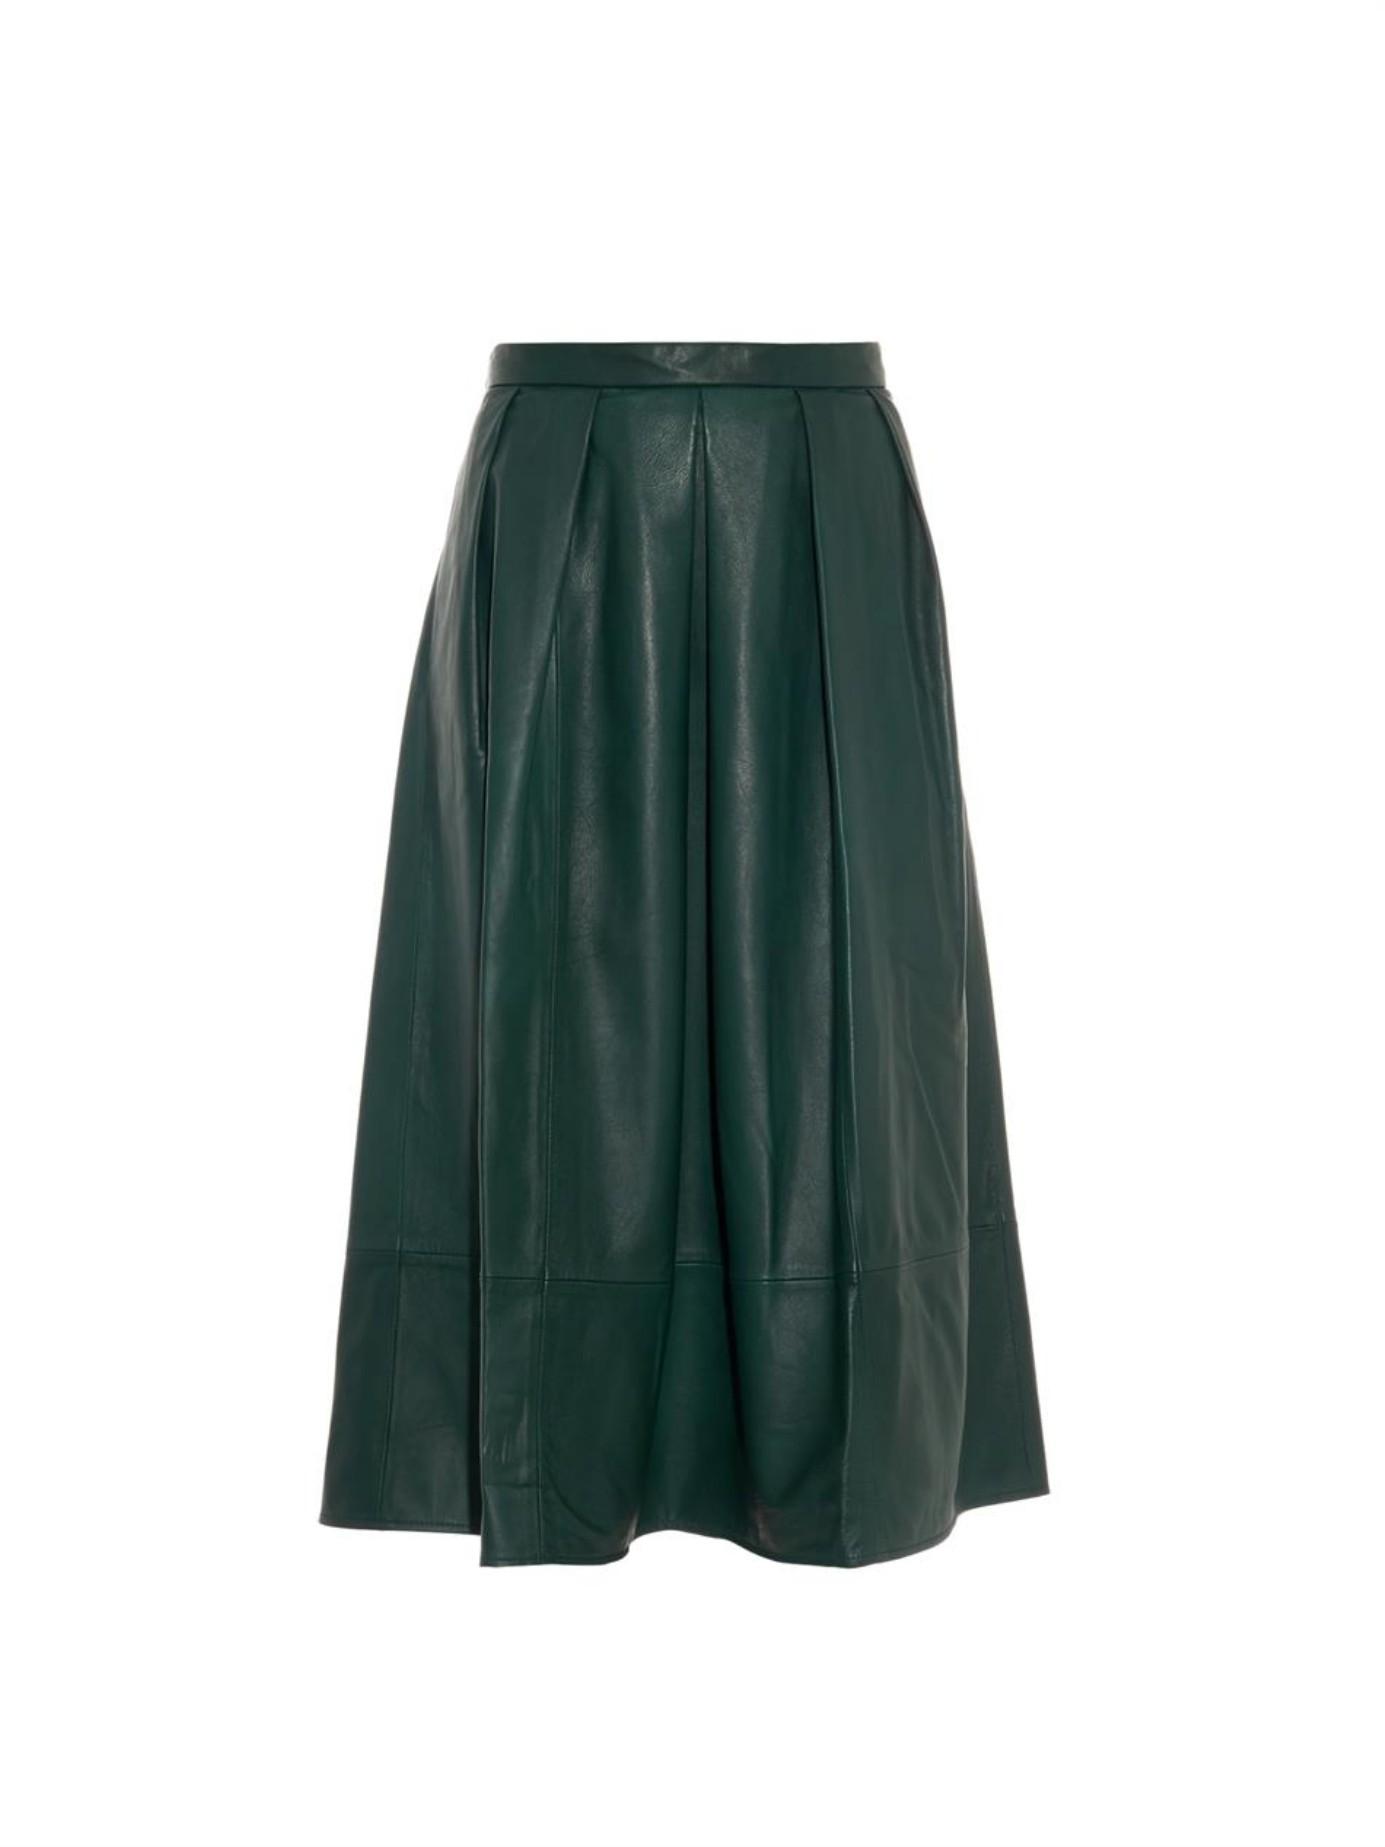 Tibi Full Leather Skirt in Green | Lyst